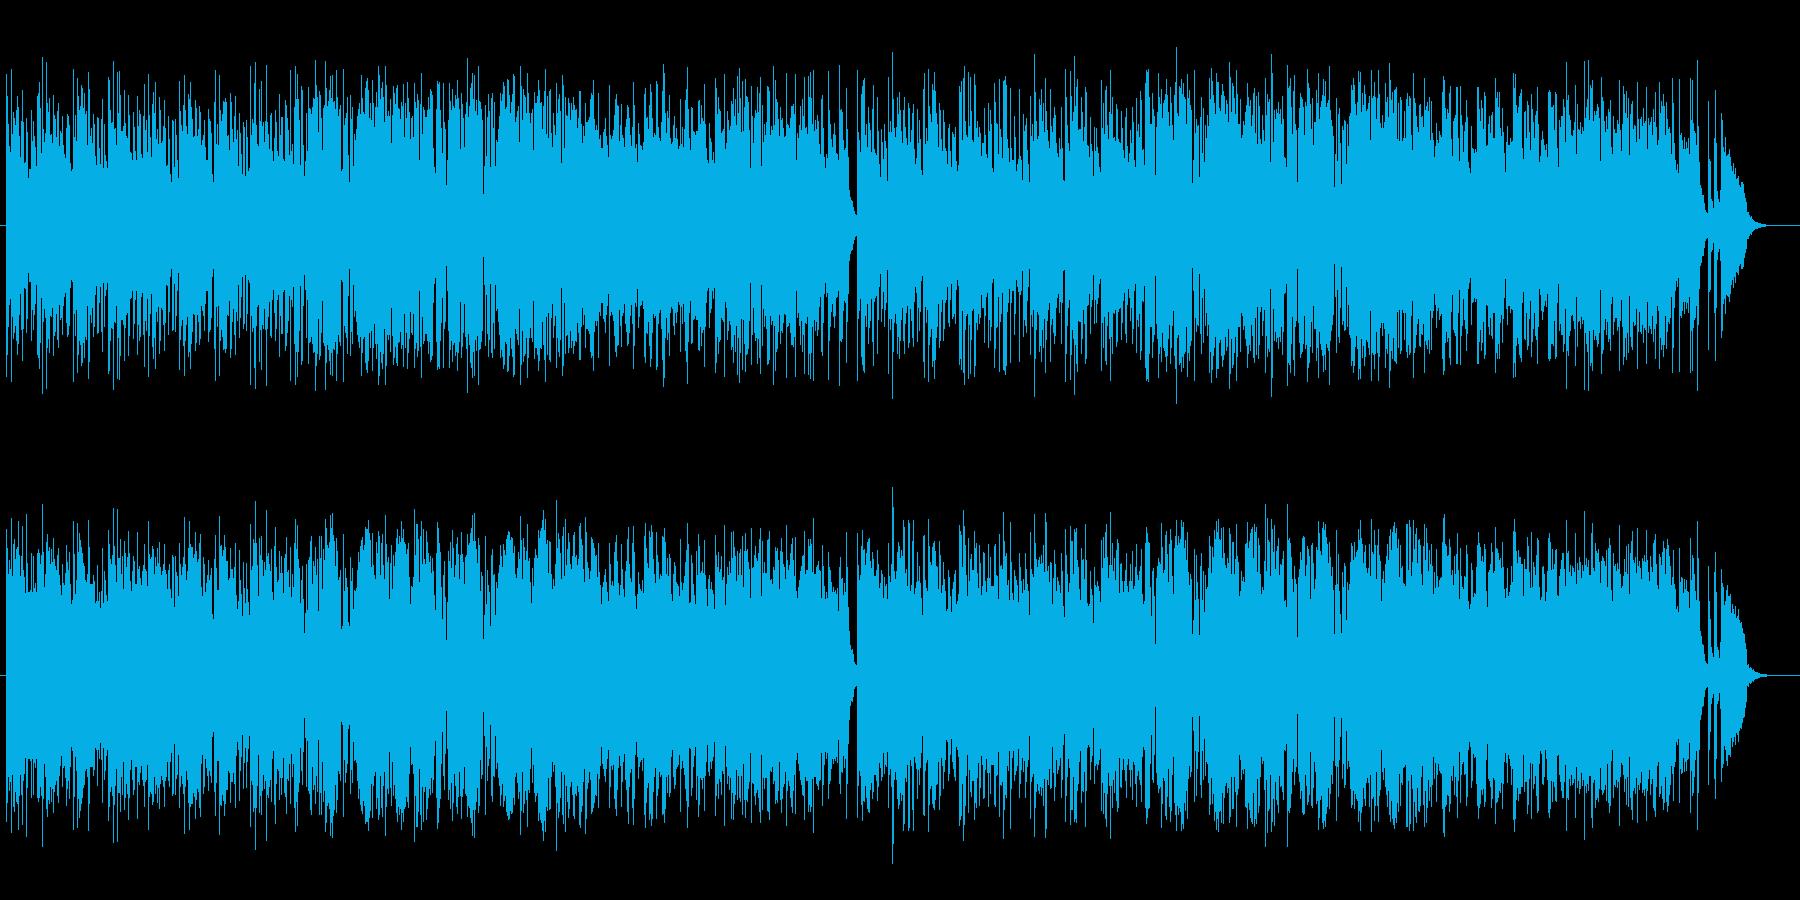 透明感のある美しいメロディのポップスの再生済みの波形